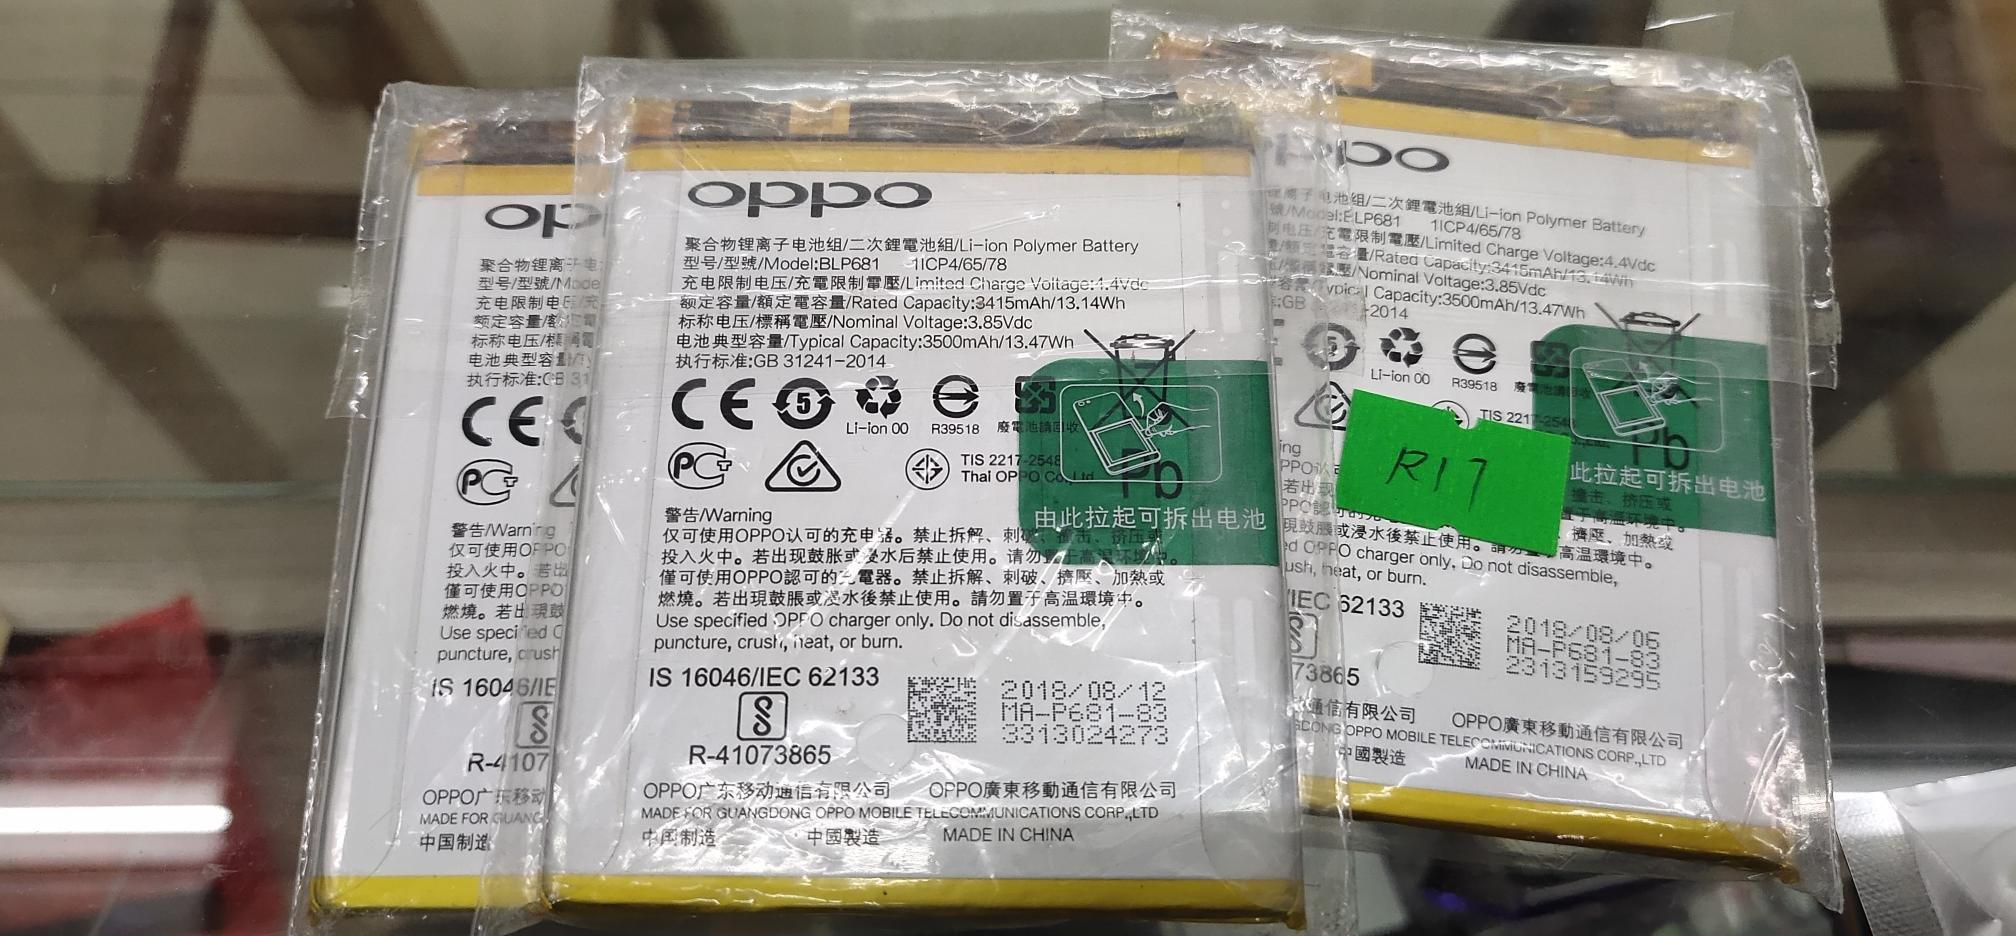 【台北維修】OPPO R17 BLP681 全新電池 維修完工價650元 全國最低價